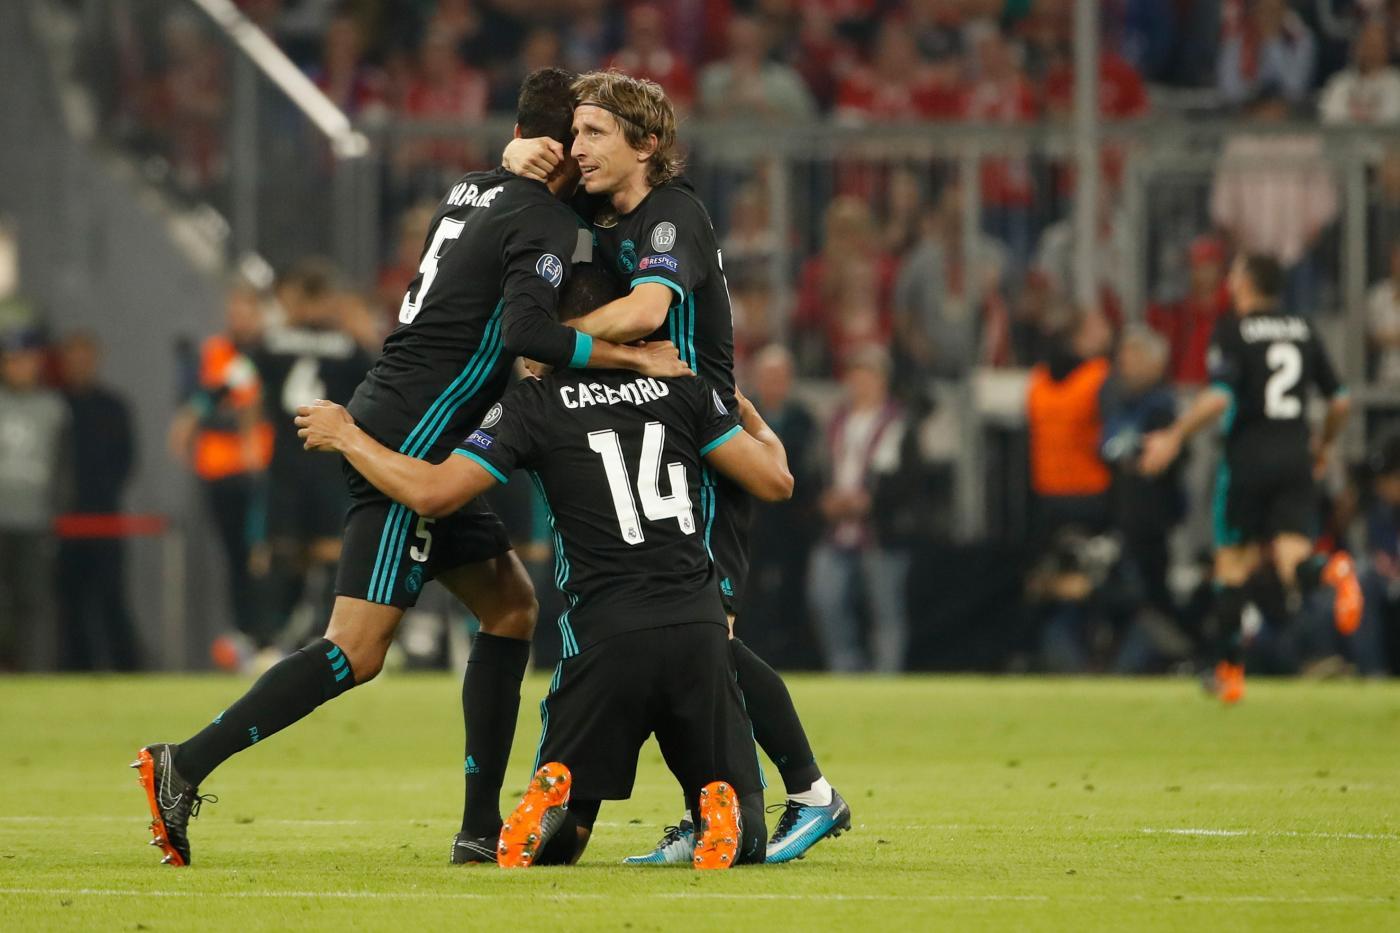 Champions League, Real Madrid-Roma mercoledì 19 settembre: analisi e pronostico della prima giornata del gruppo G del torneo europeo